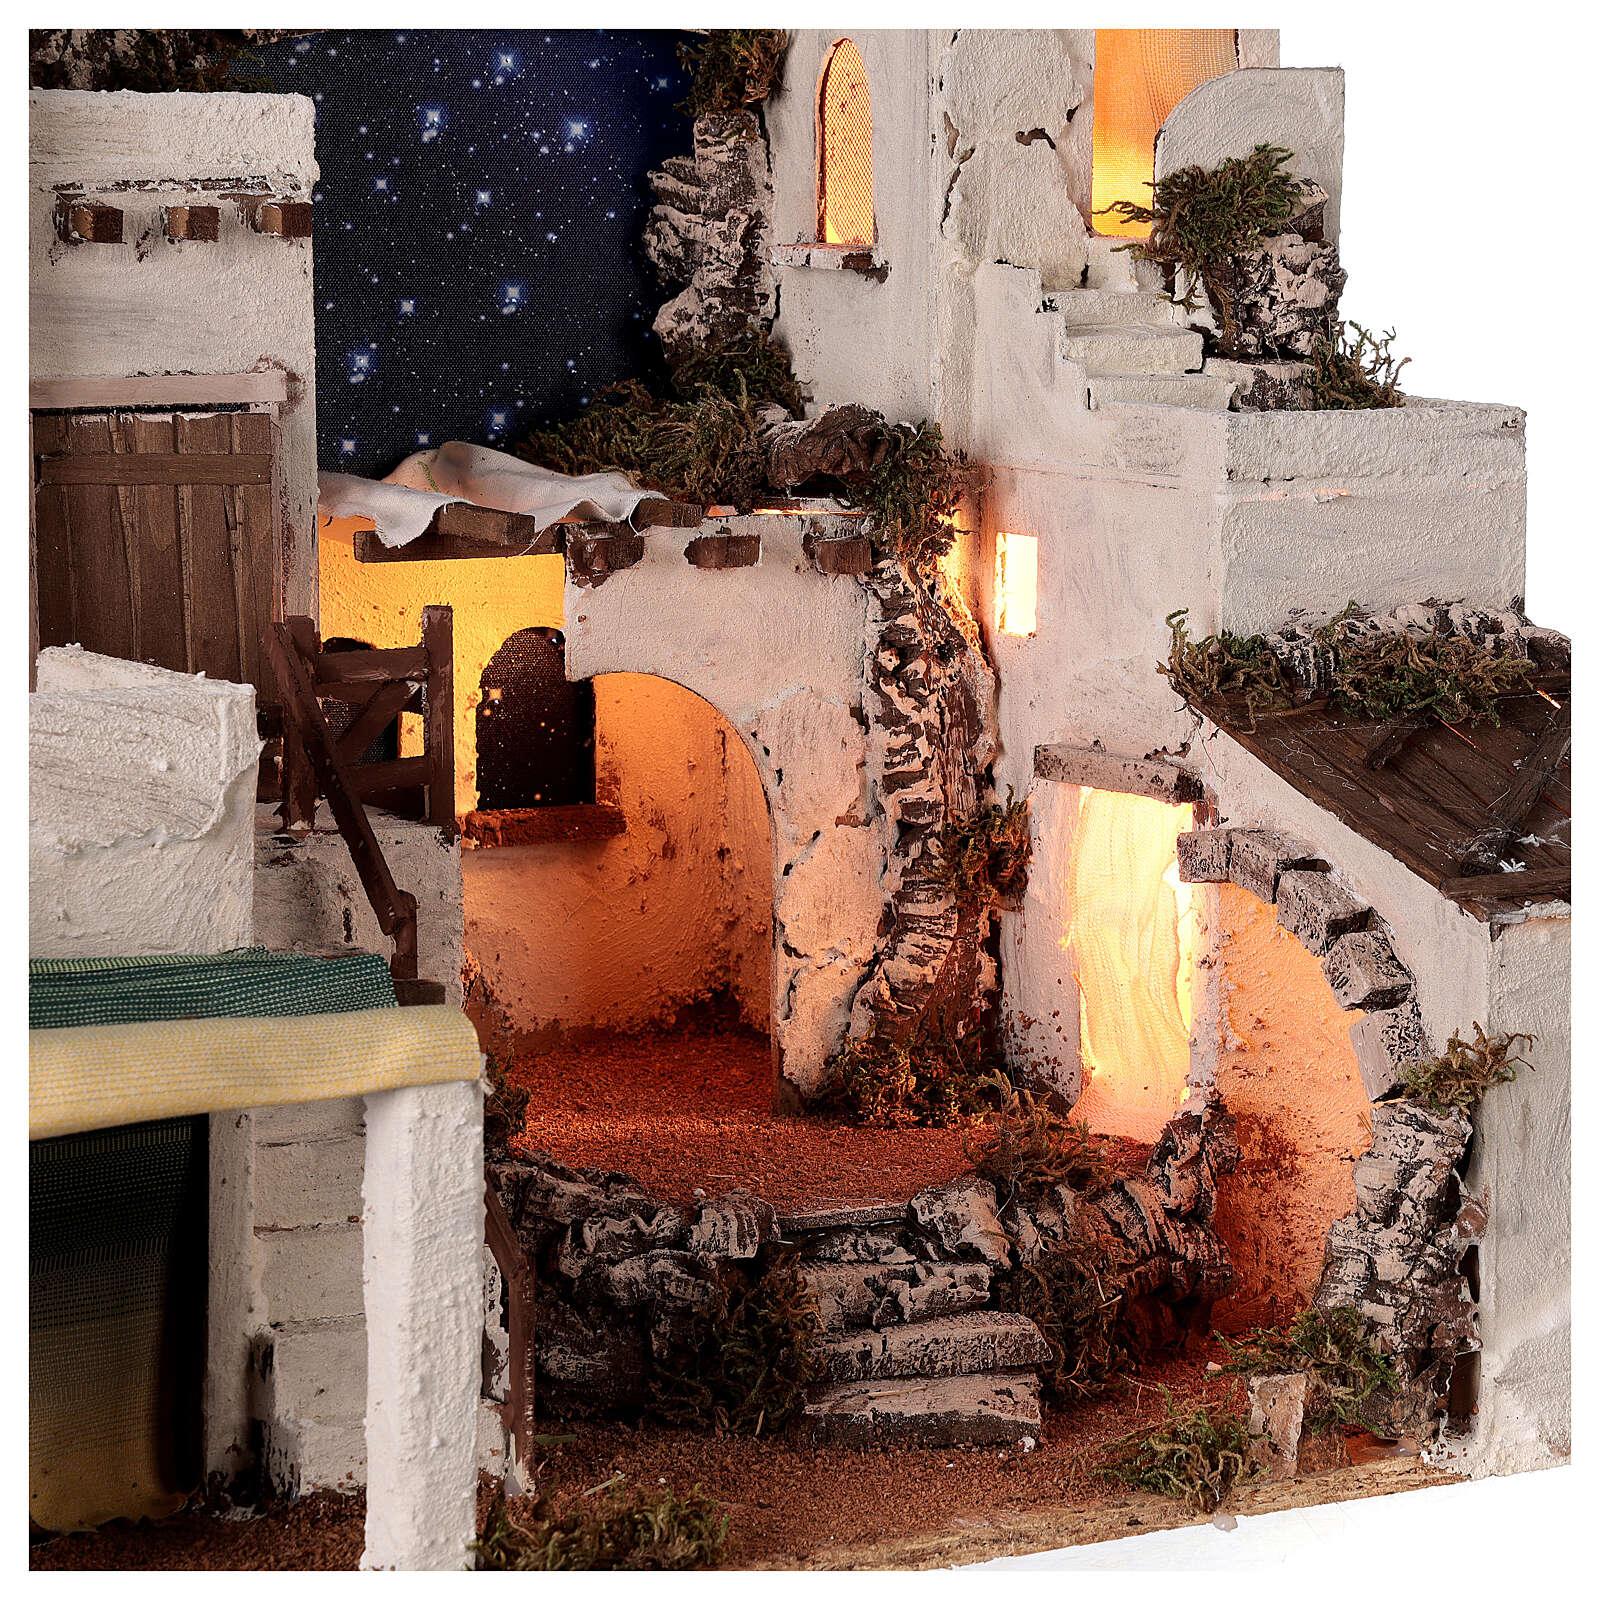 Aldeia estilo árabe com forno para presépio napolitano com figuras altura média 10 cm, medidas: 50x58x43 4